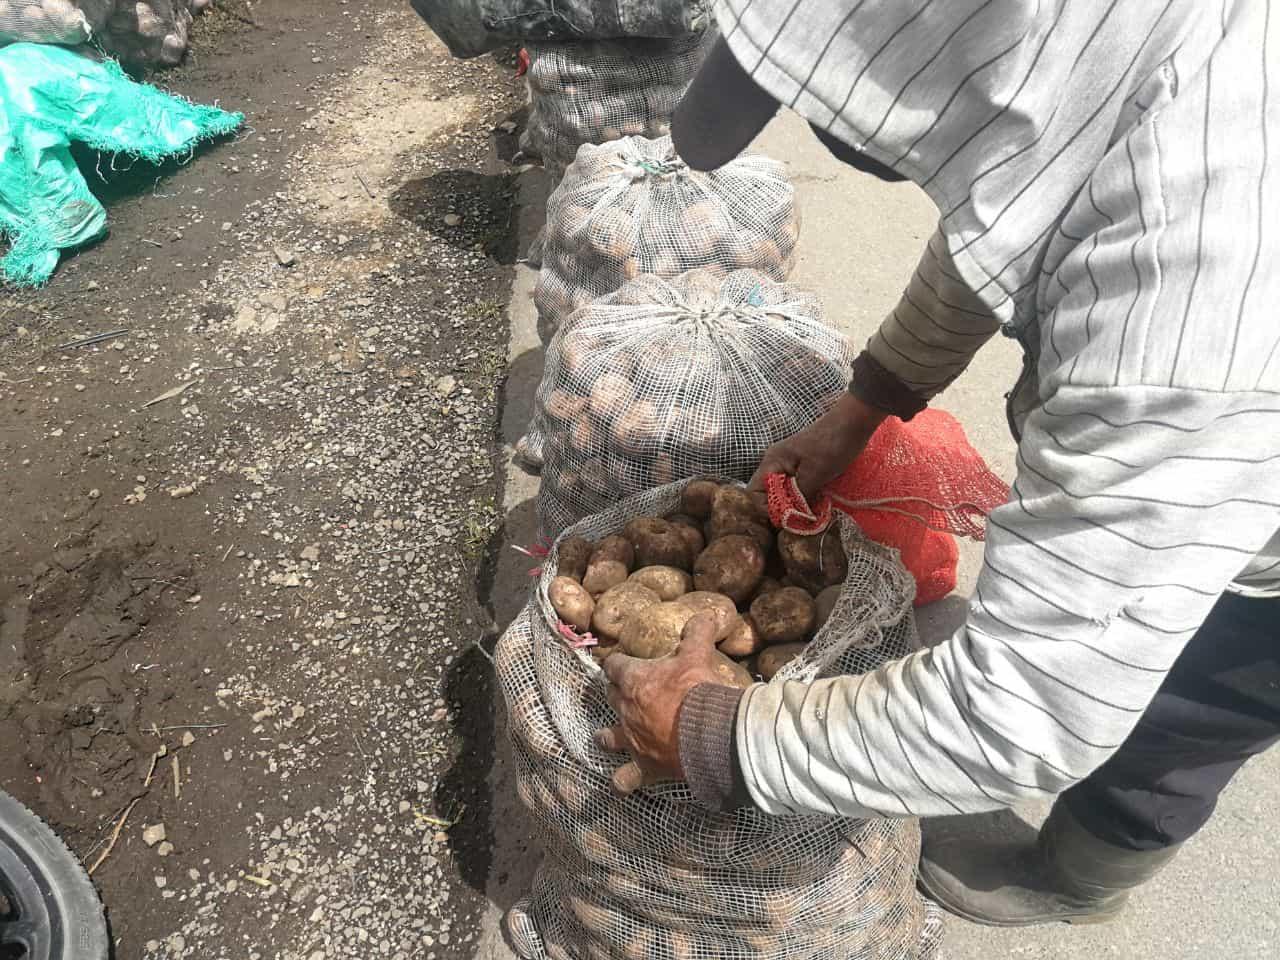 Cambiarán papa por materiales reciclables en Boyacá 1